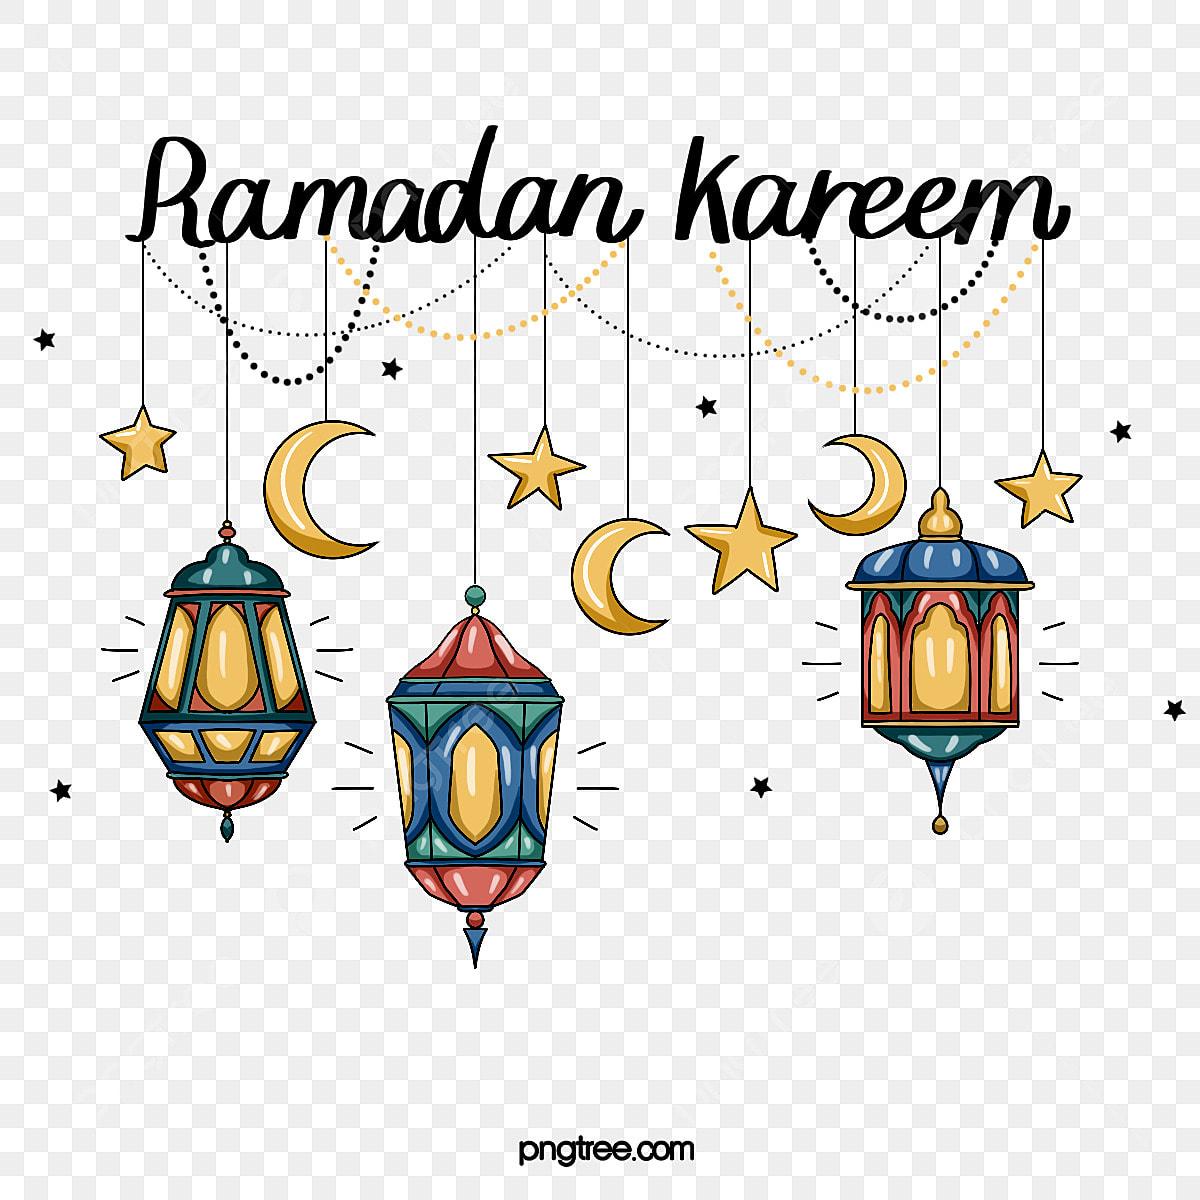 صور رمضان كرتون 2021 صور